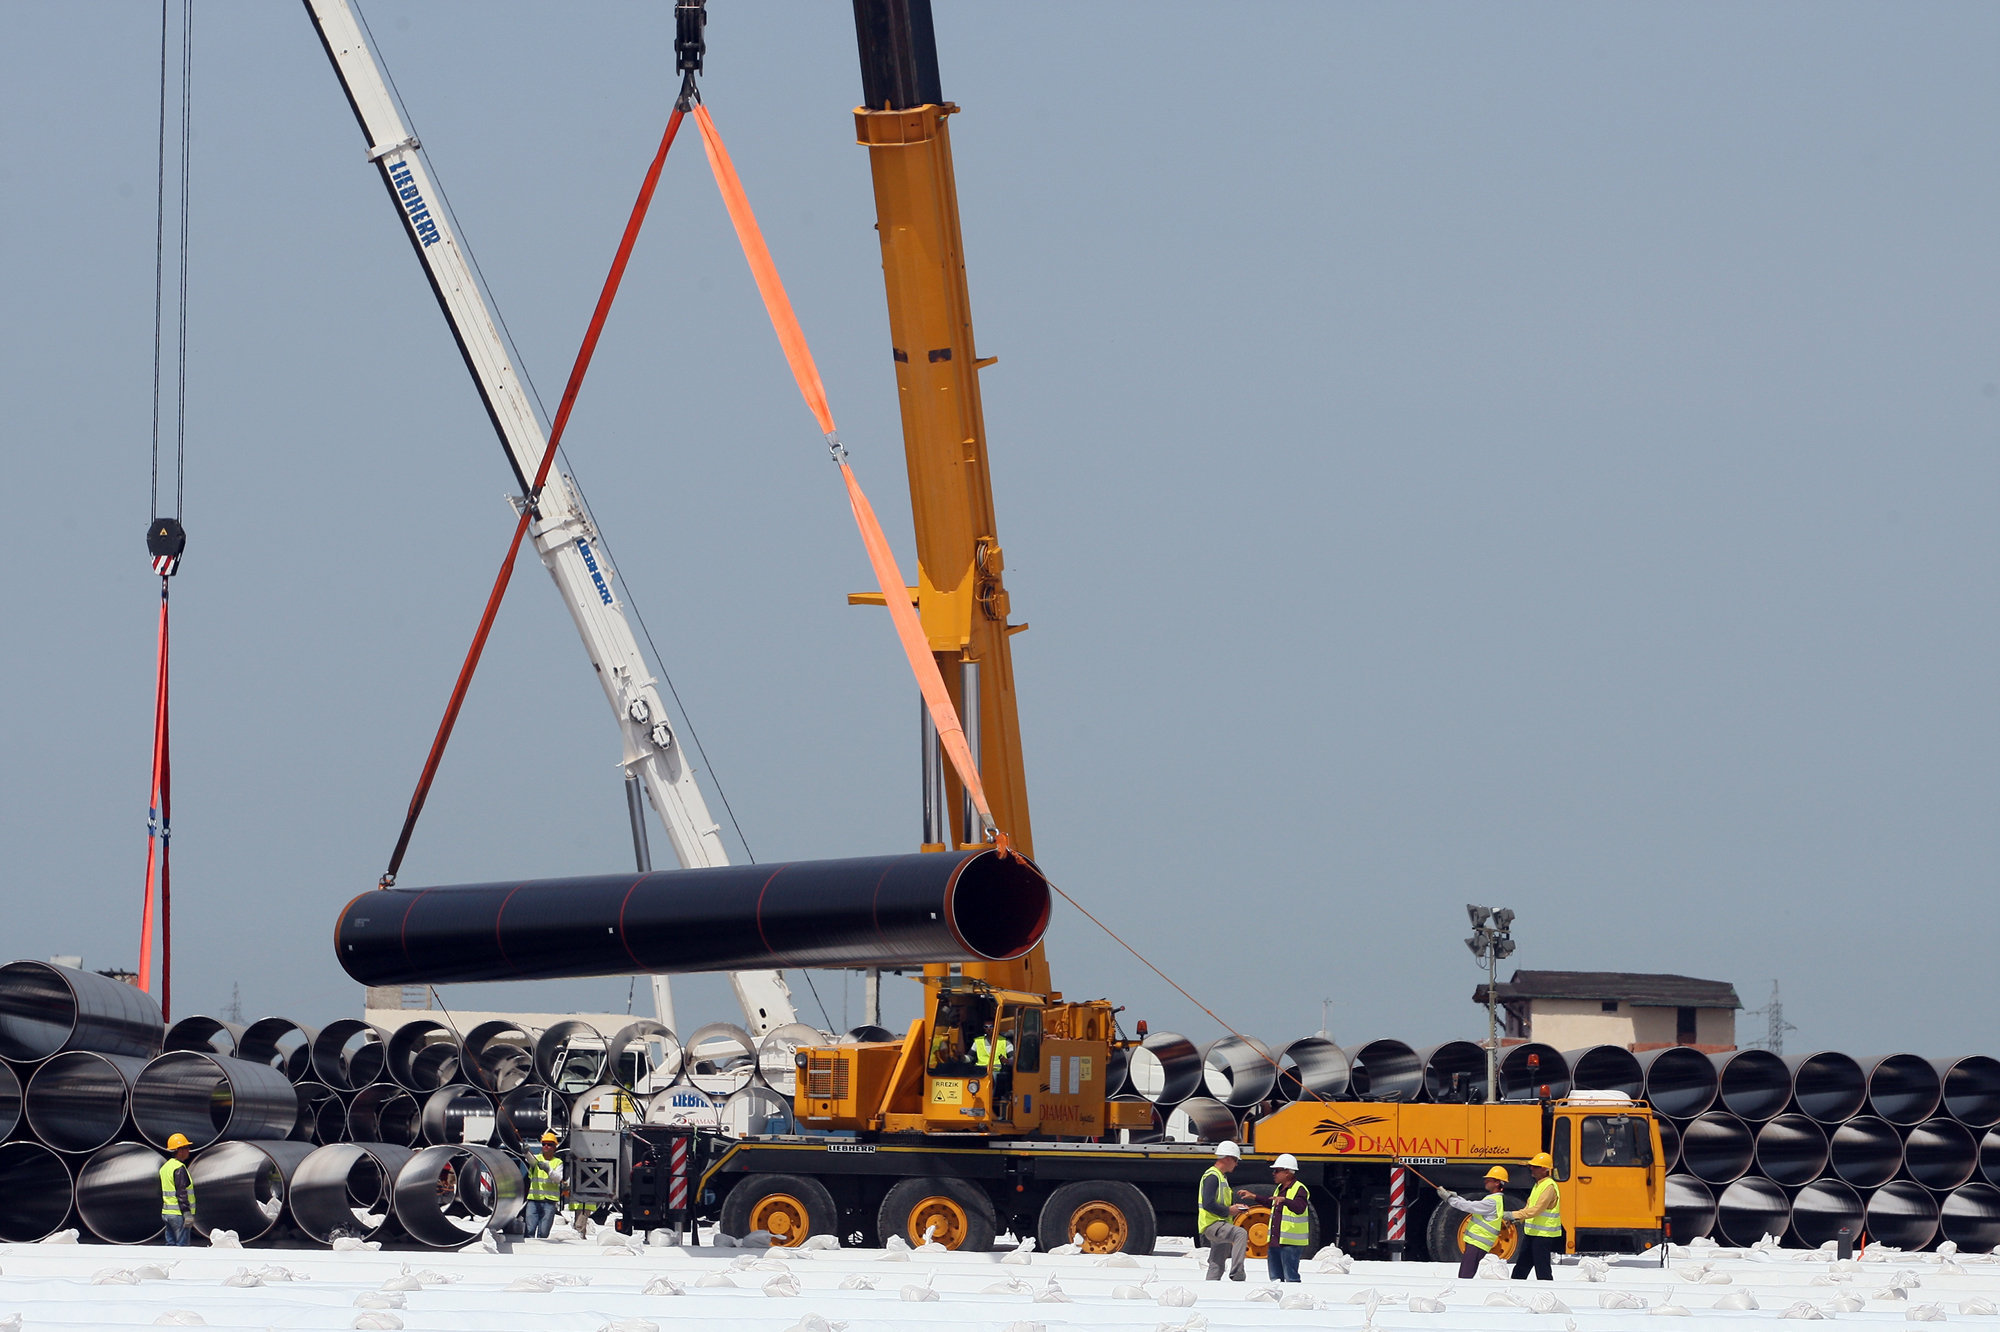 Сможет ли Турция стать энергетическим центром?